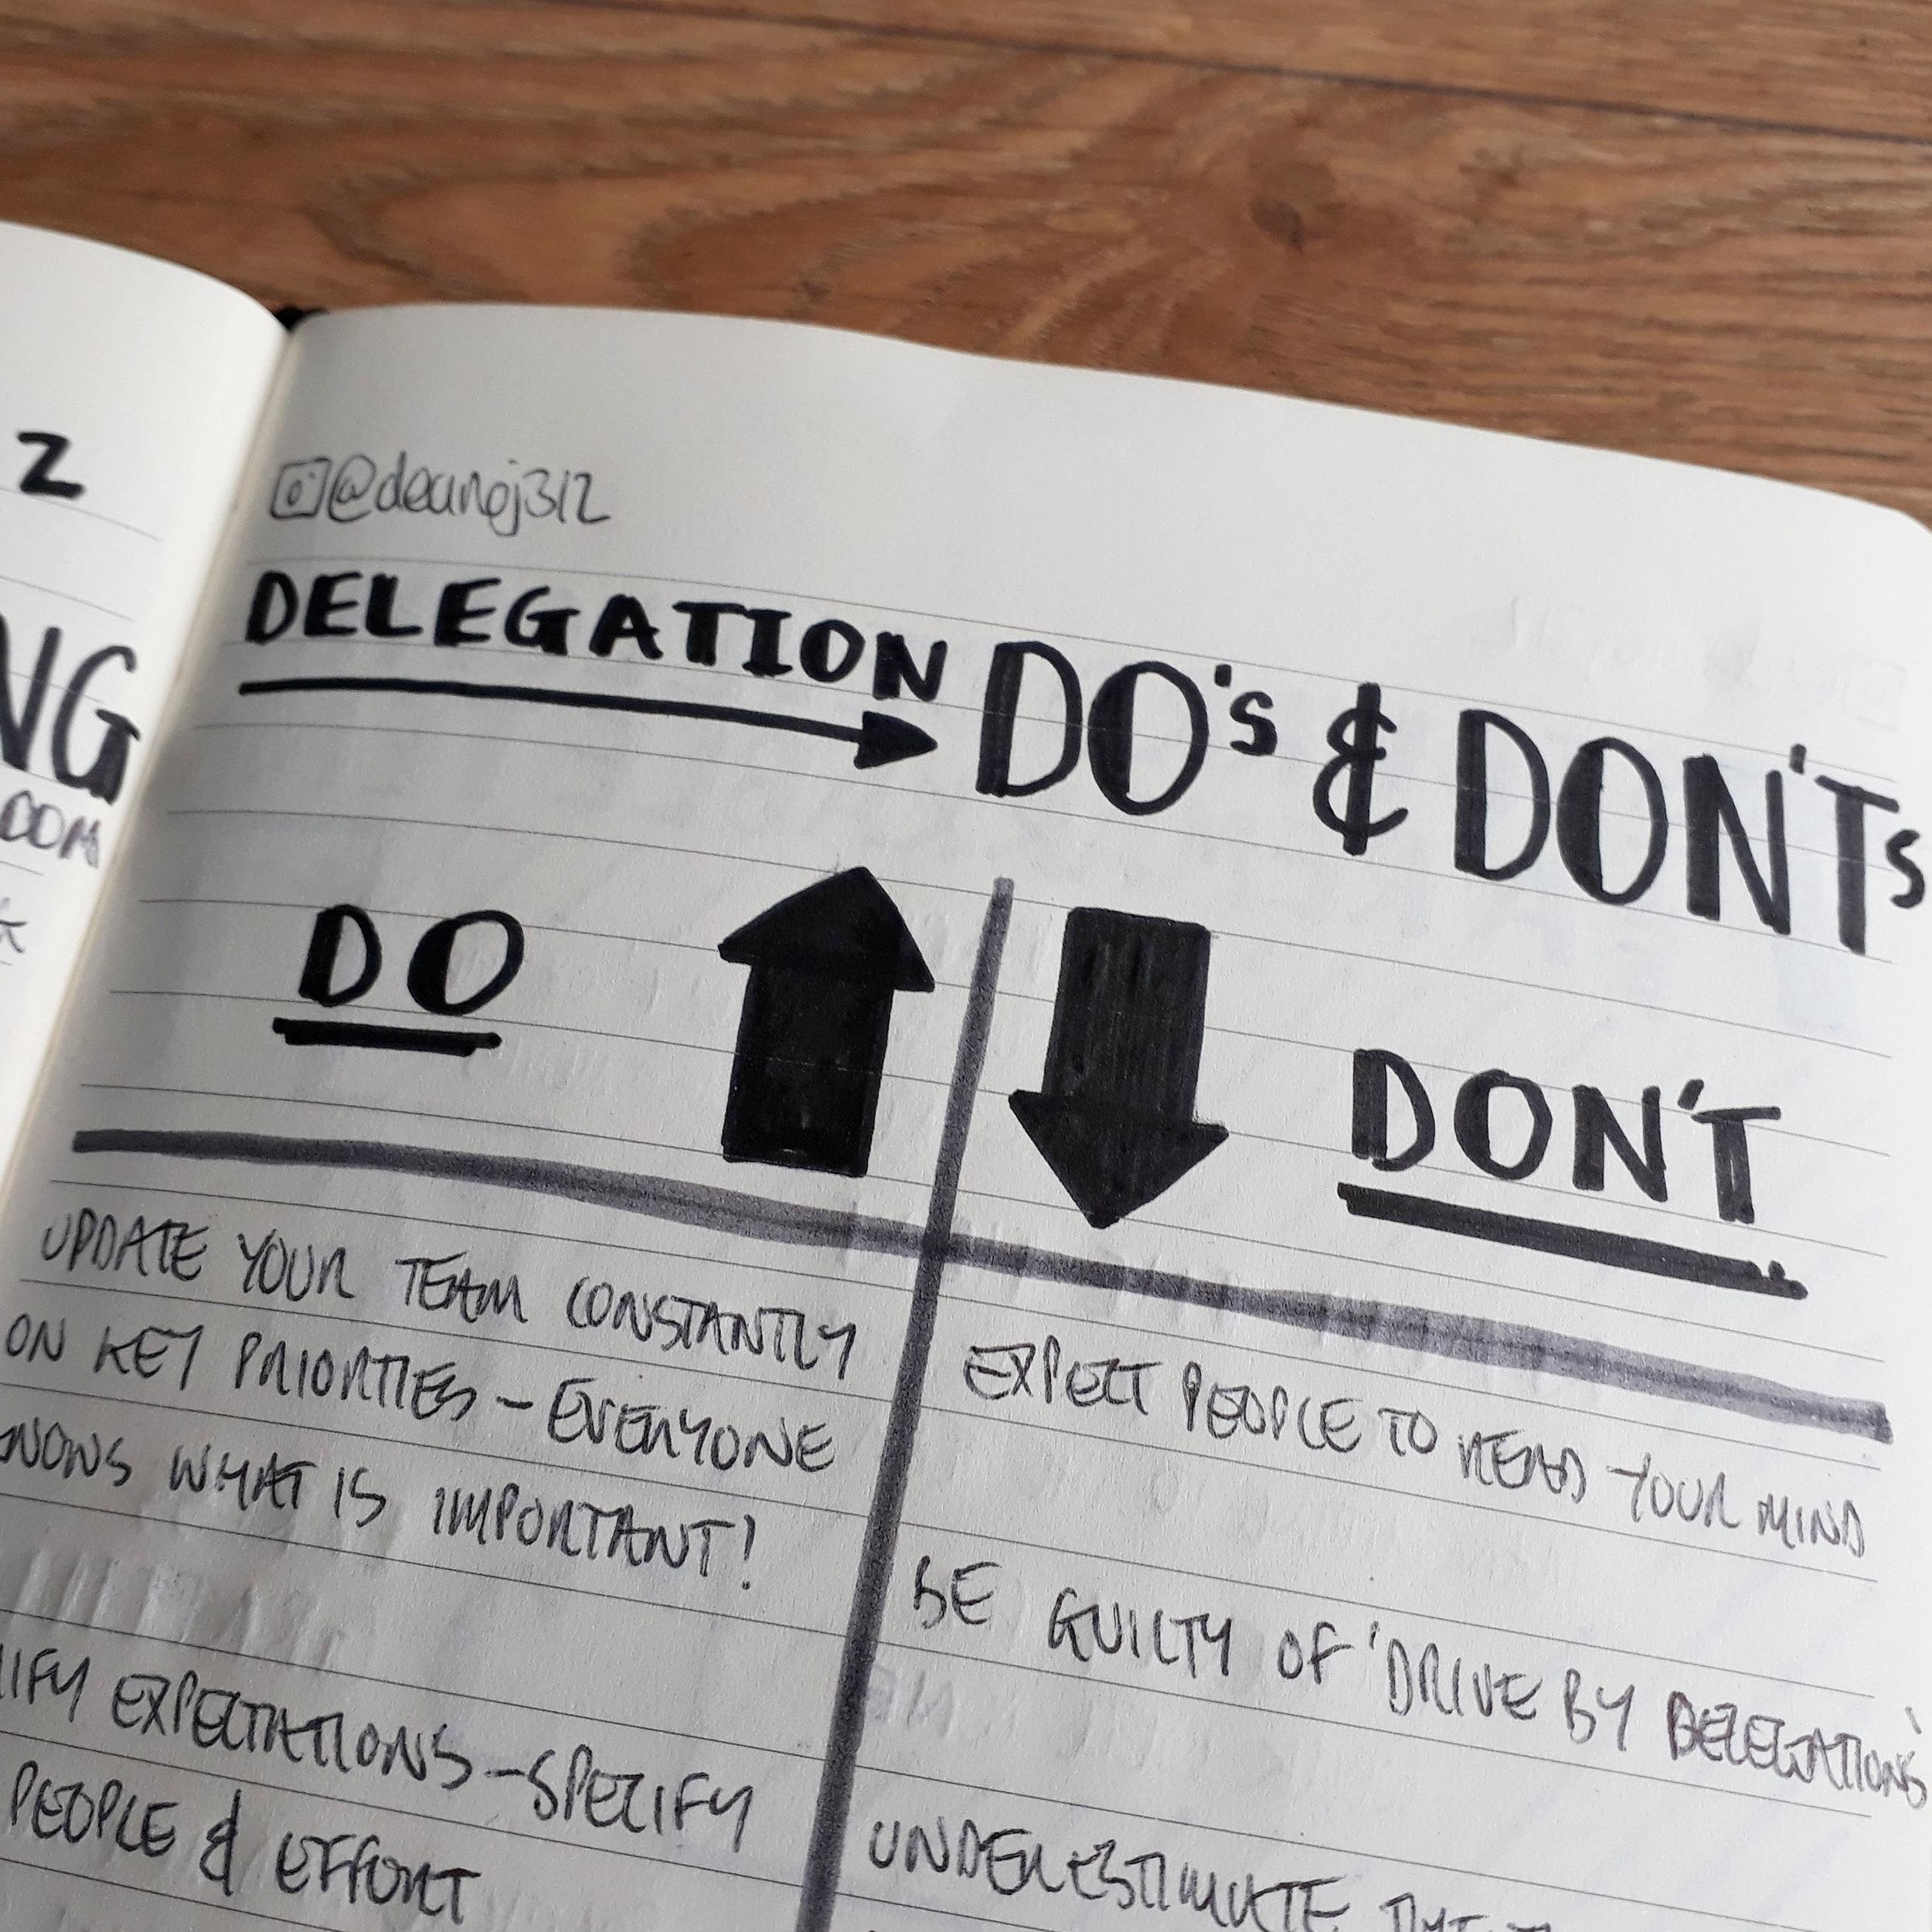 DelegationDosAndDonts2.jpg